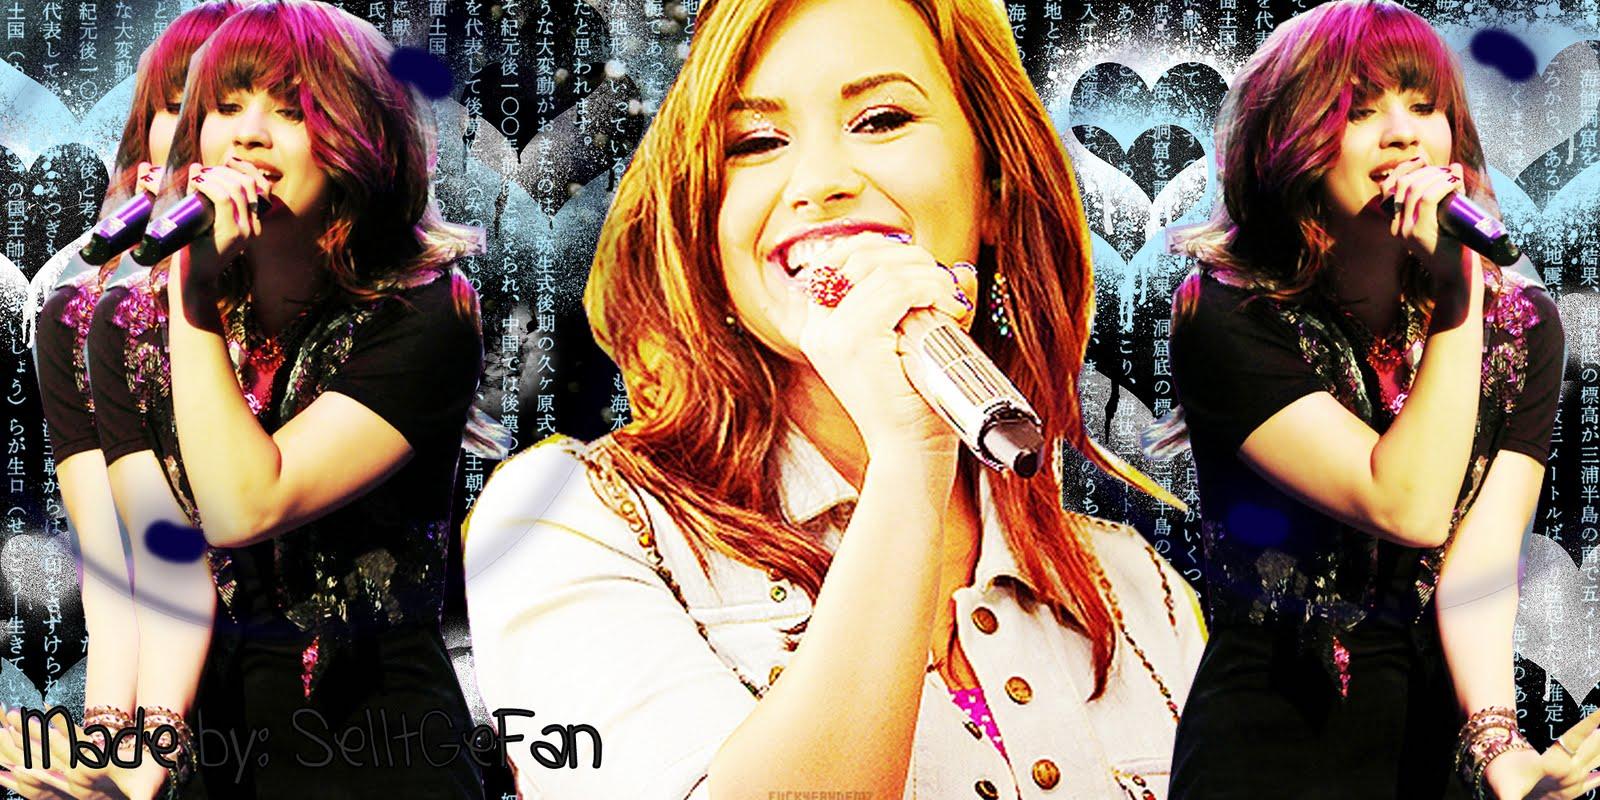 http://4.bp.blogspot.com/-kpIWMXTXl90/Tari0sO3bUI/AAAAAAAAAAU/gfrInQMxEQU/s1600/Demi+Lovato+bg+1+b.jpg